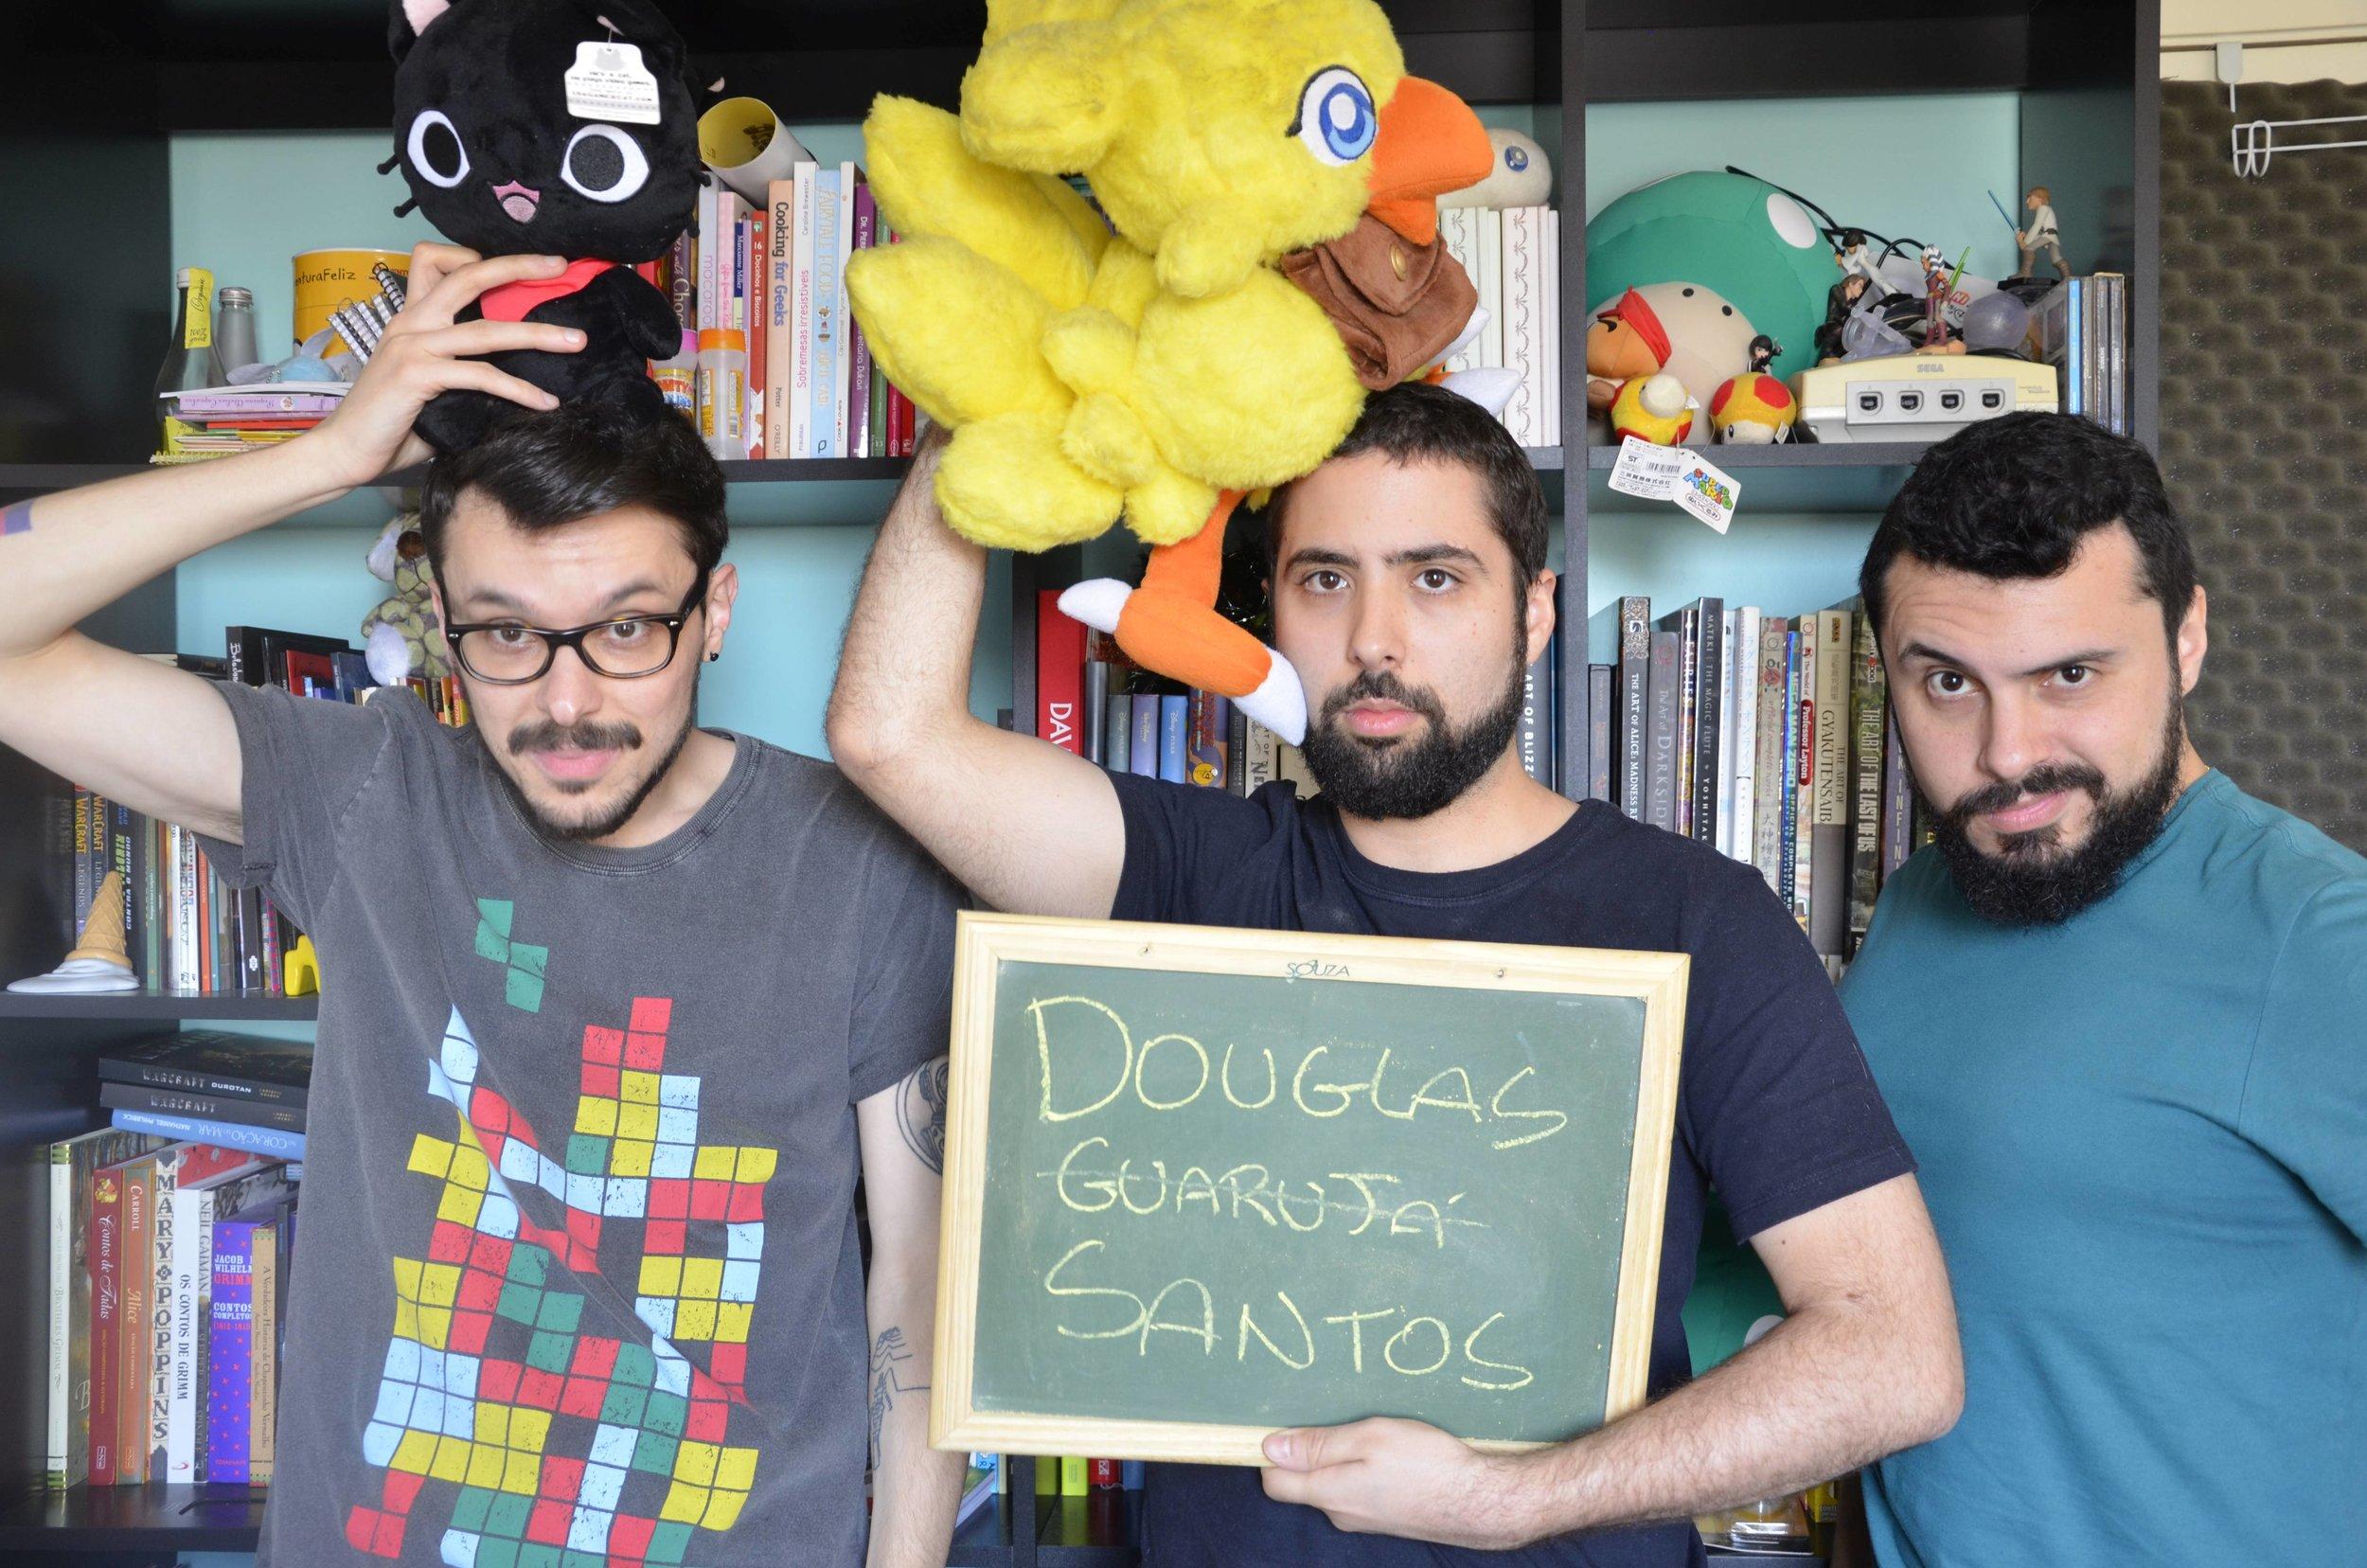 Douglas-Santos.jpg